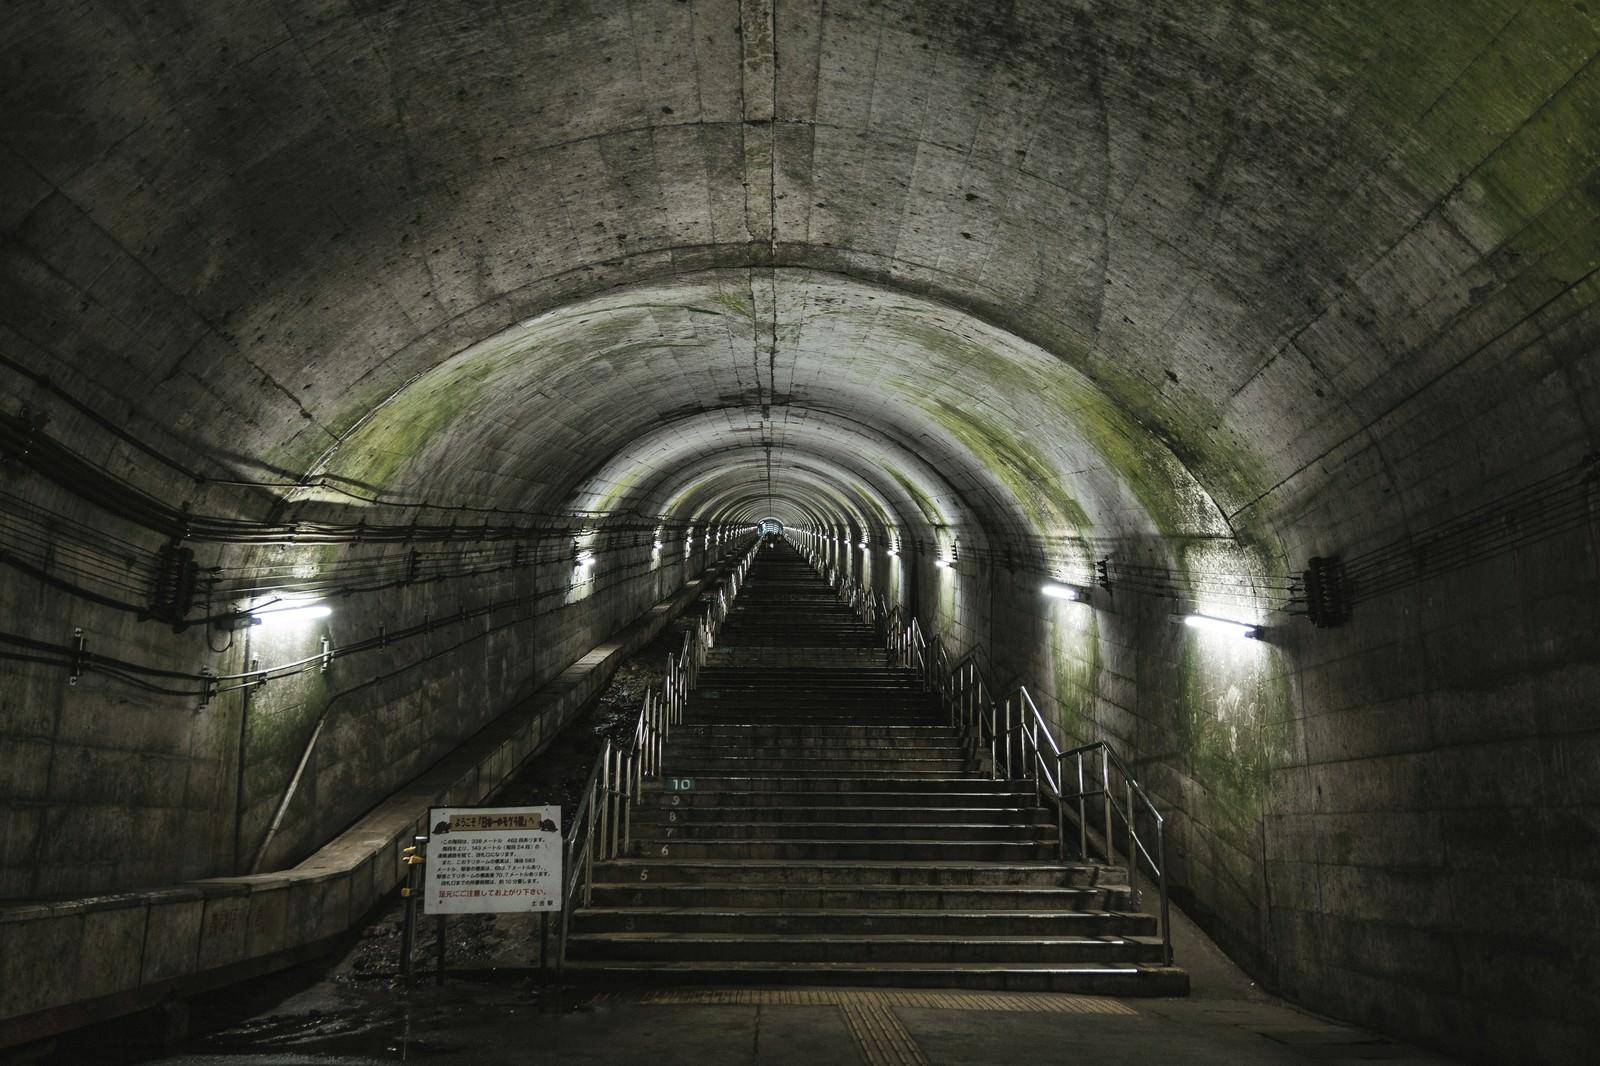 「土合駅(どあいえき)の地下階段」の写真